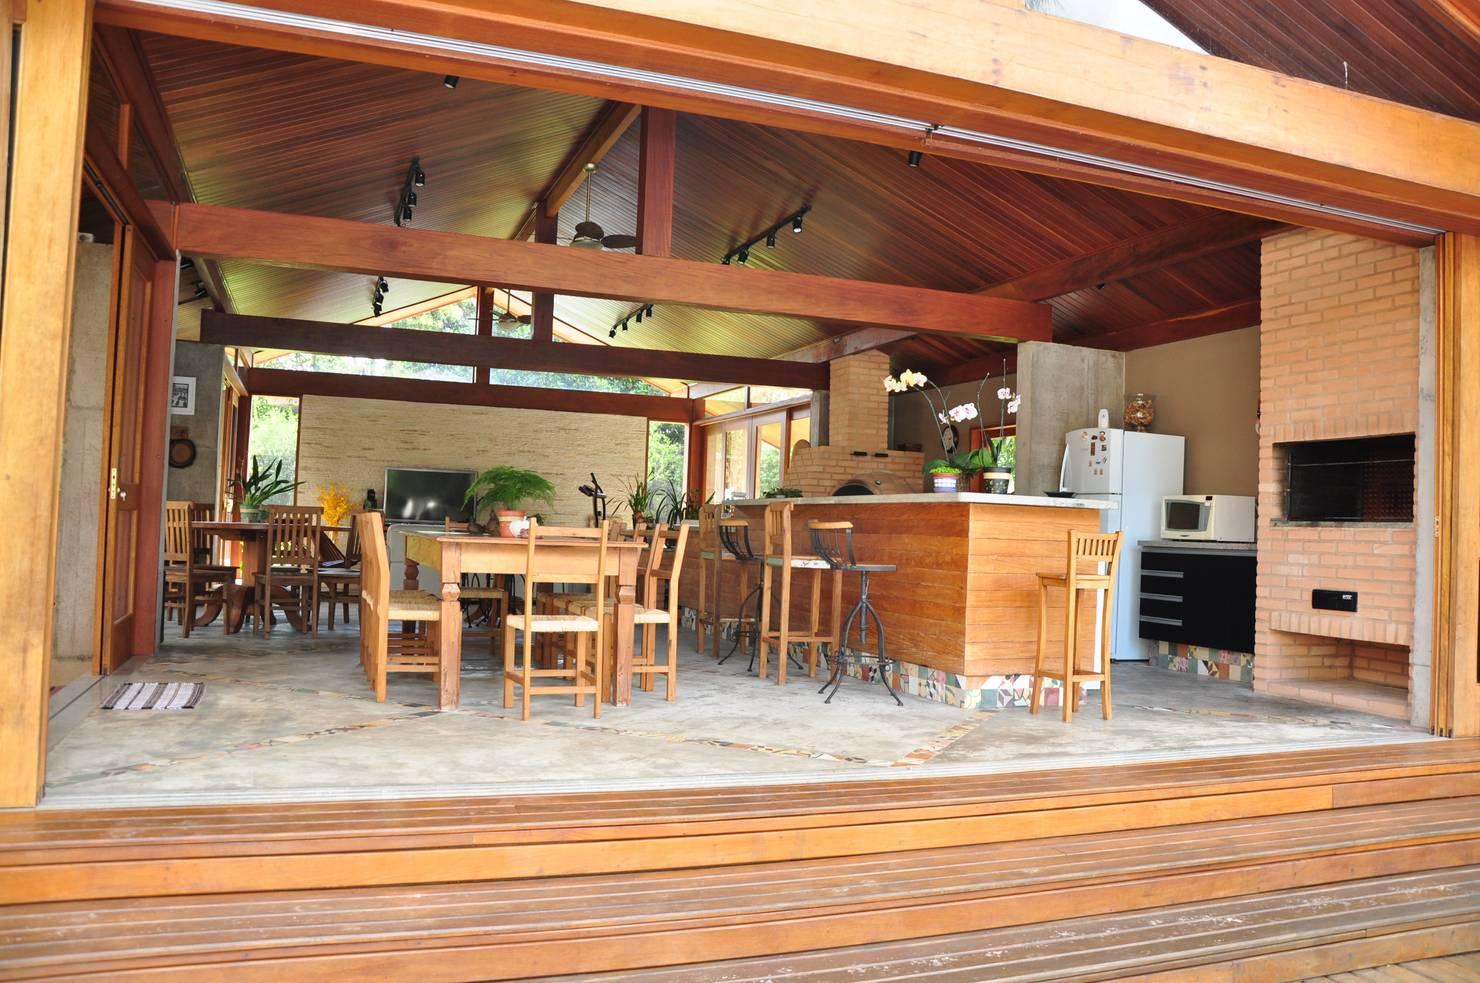 Летняя кухня, которую можно построить самому- фотографии